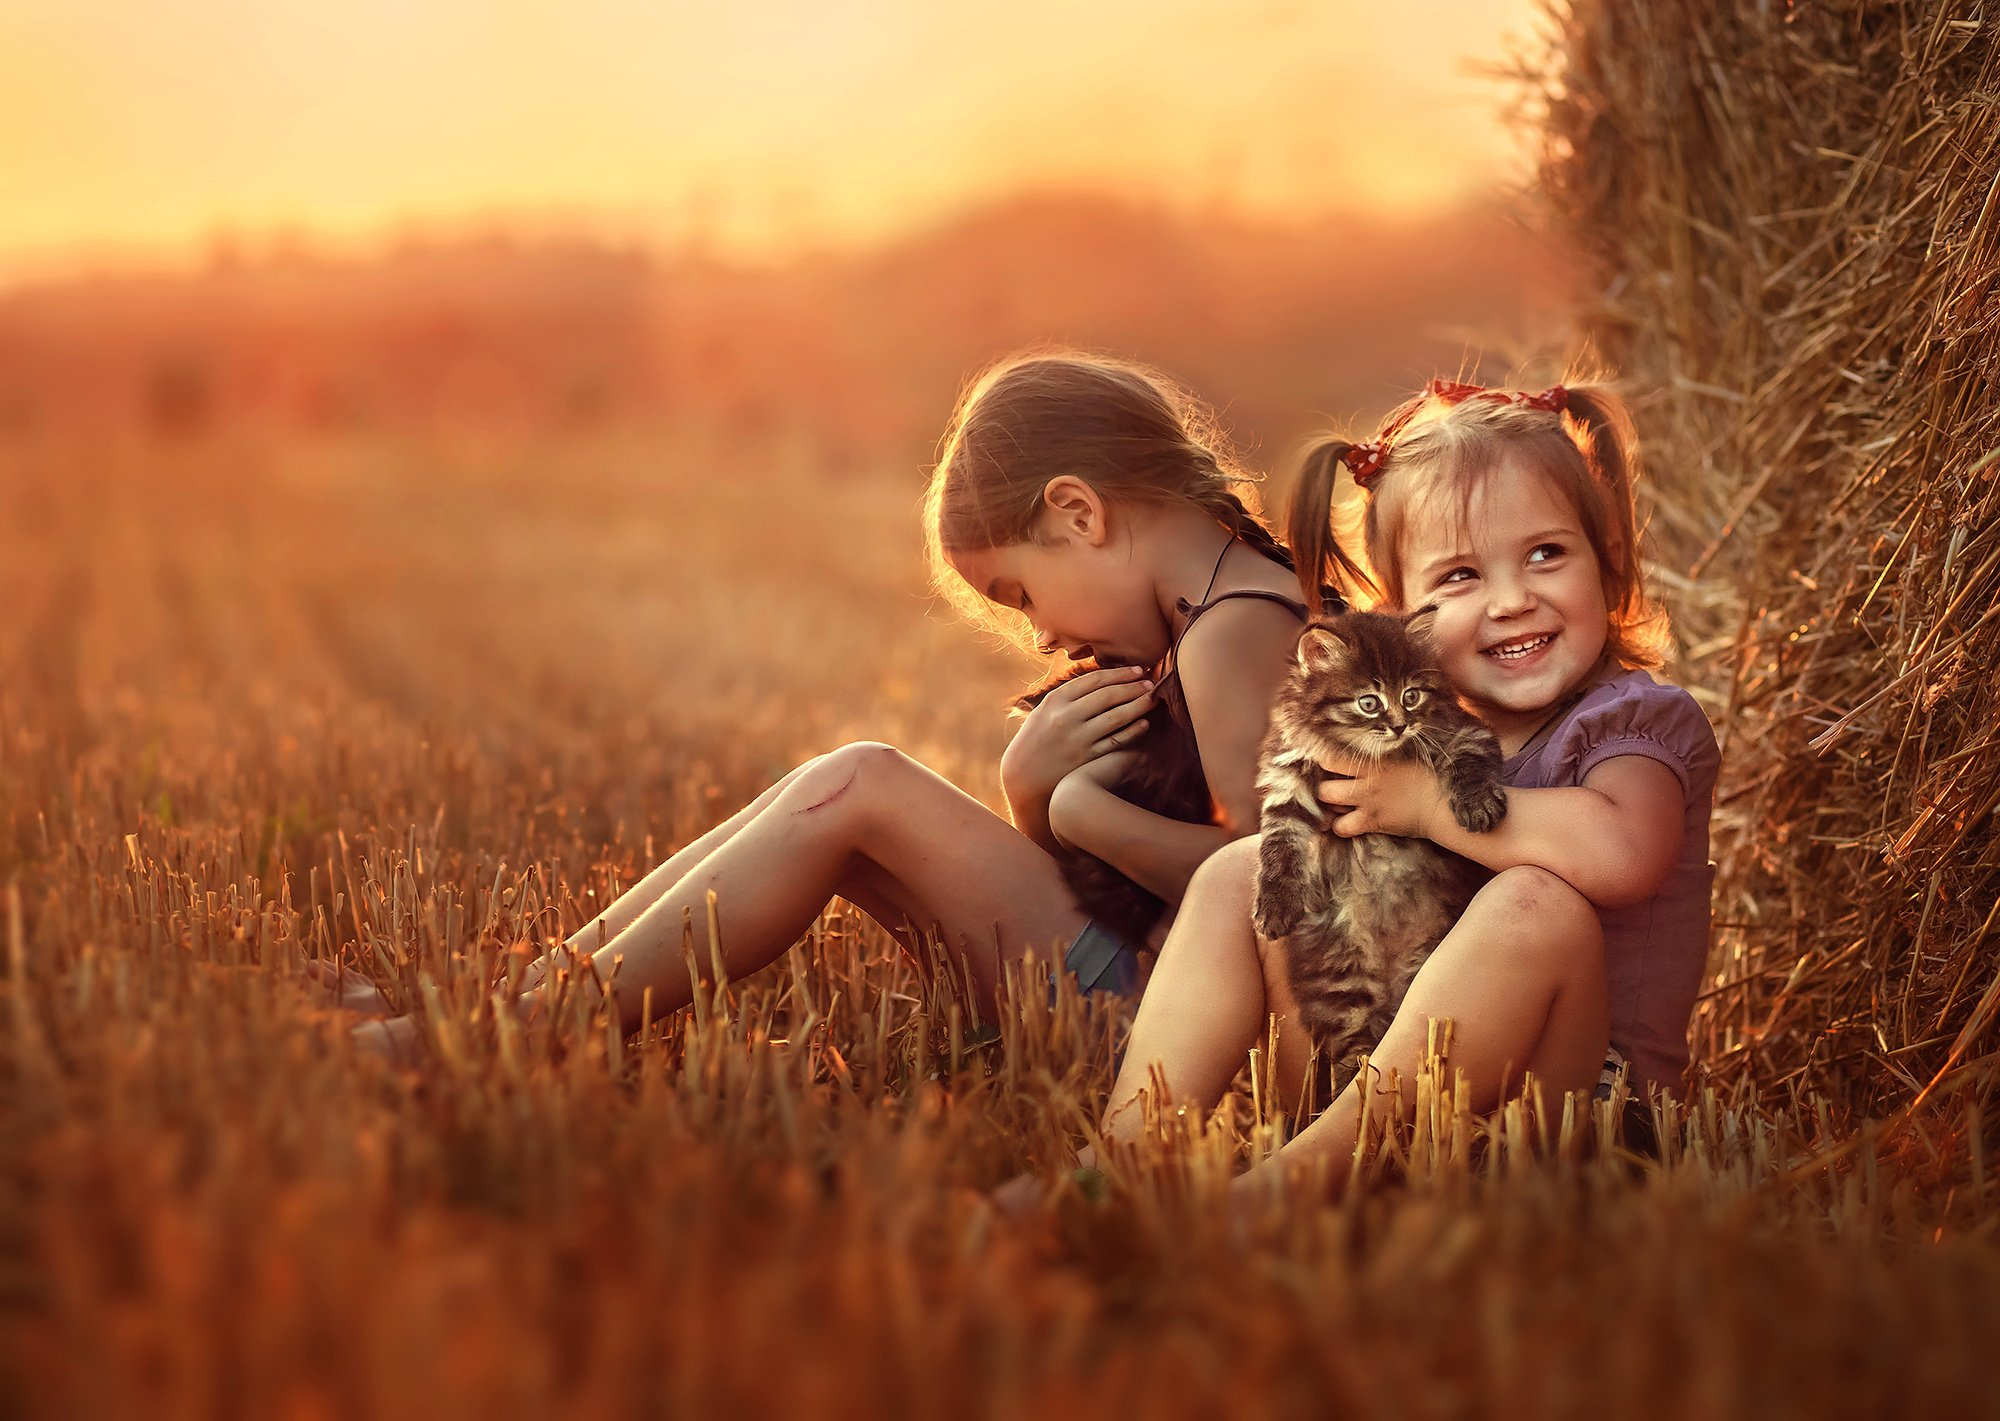 Фото две девочки с красивыми 7 фотография